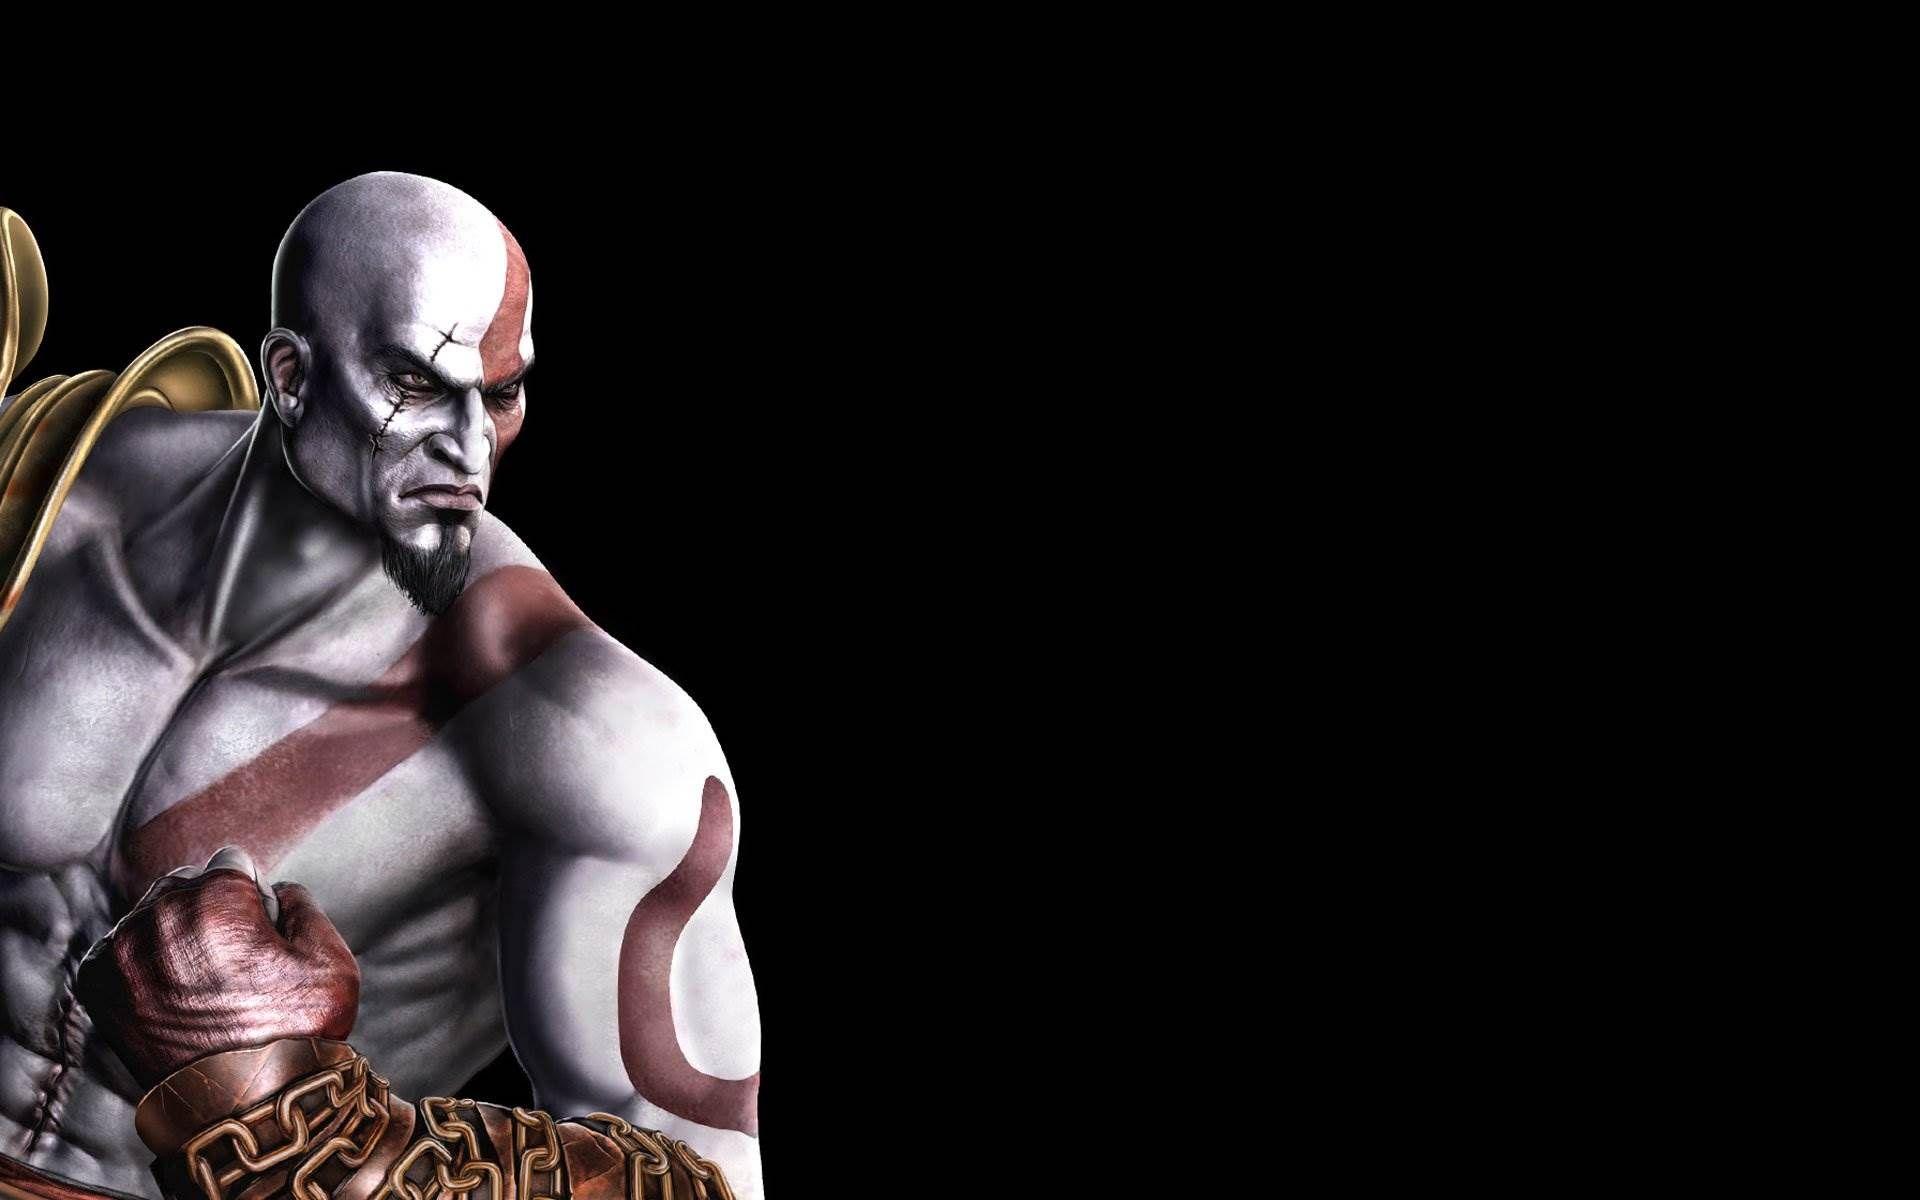 kratos fighting in god of war hd desktop wallpaper : widescreen